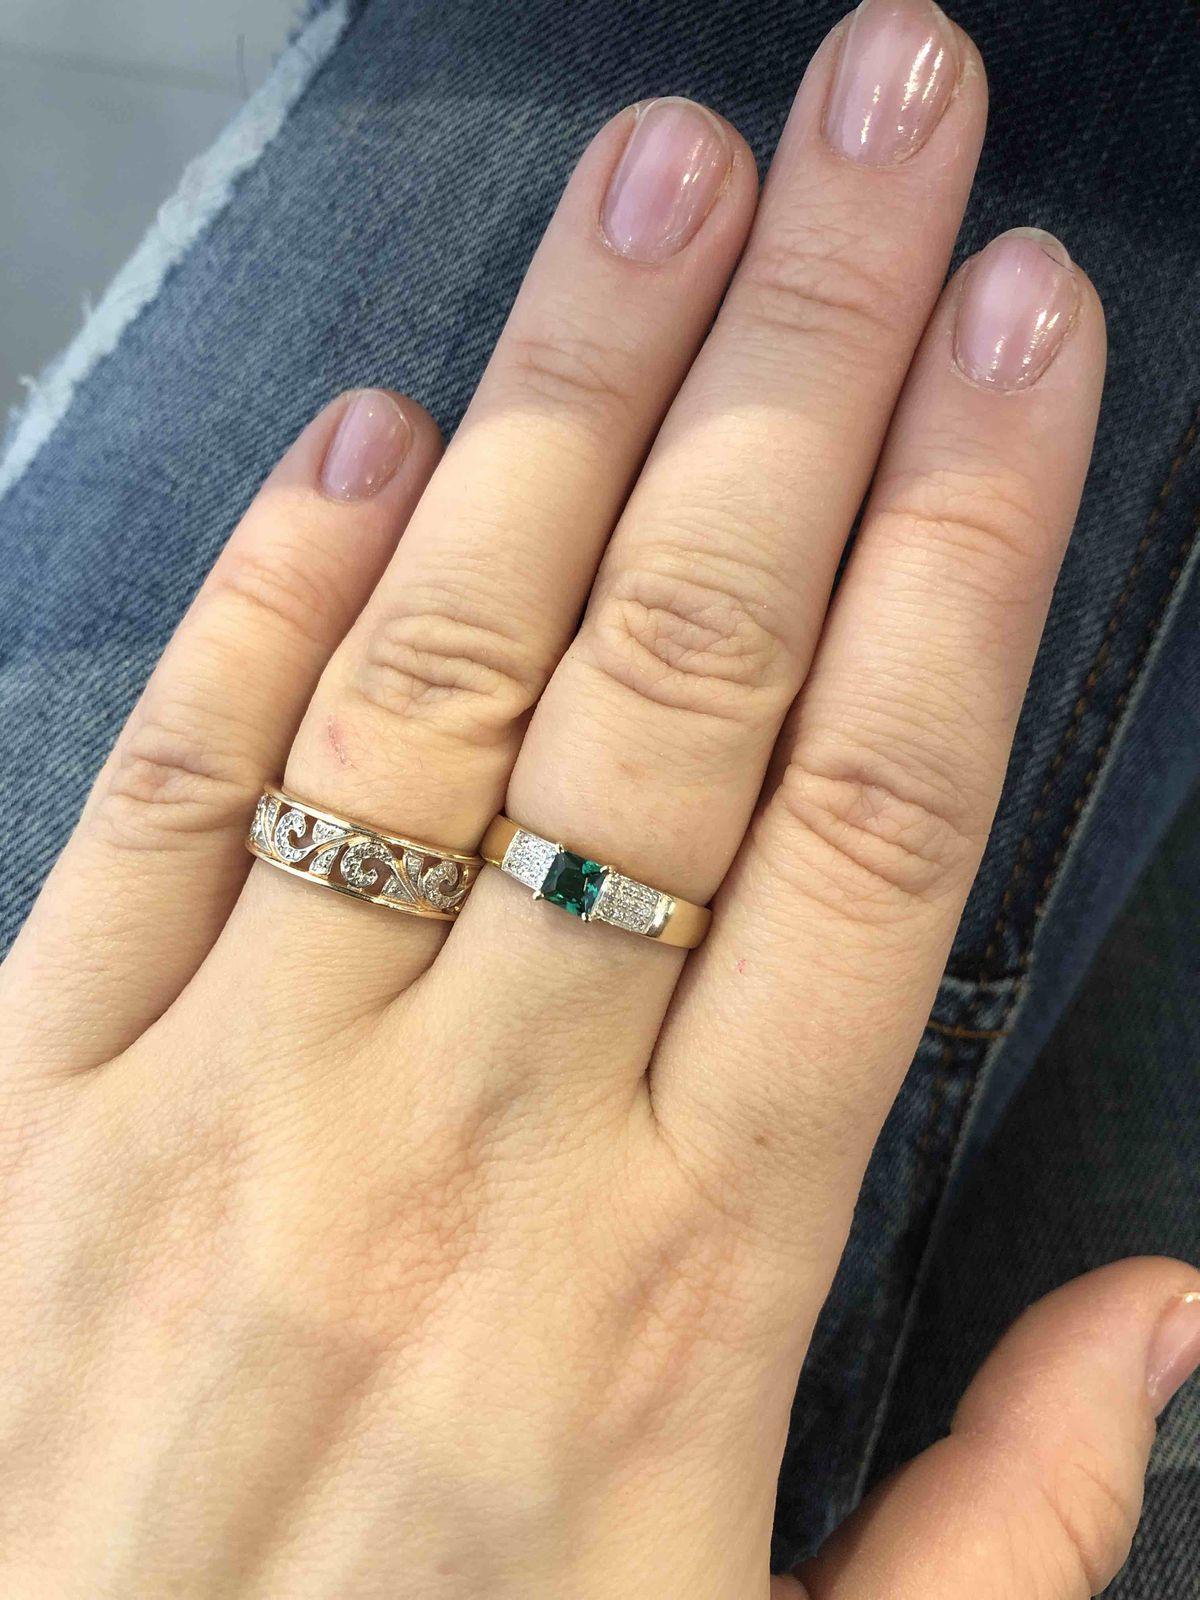 Отличное кольцо 👍👍